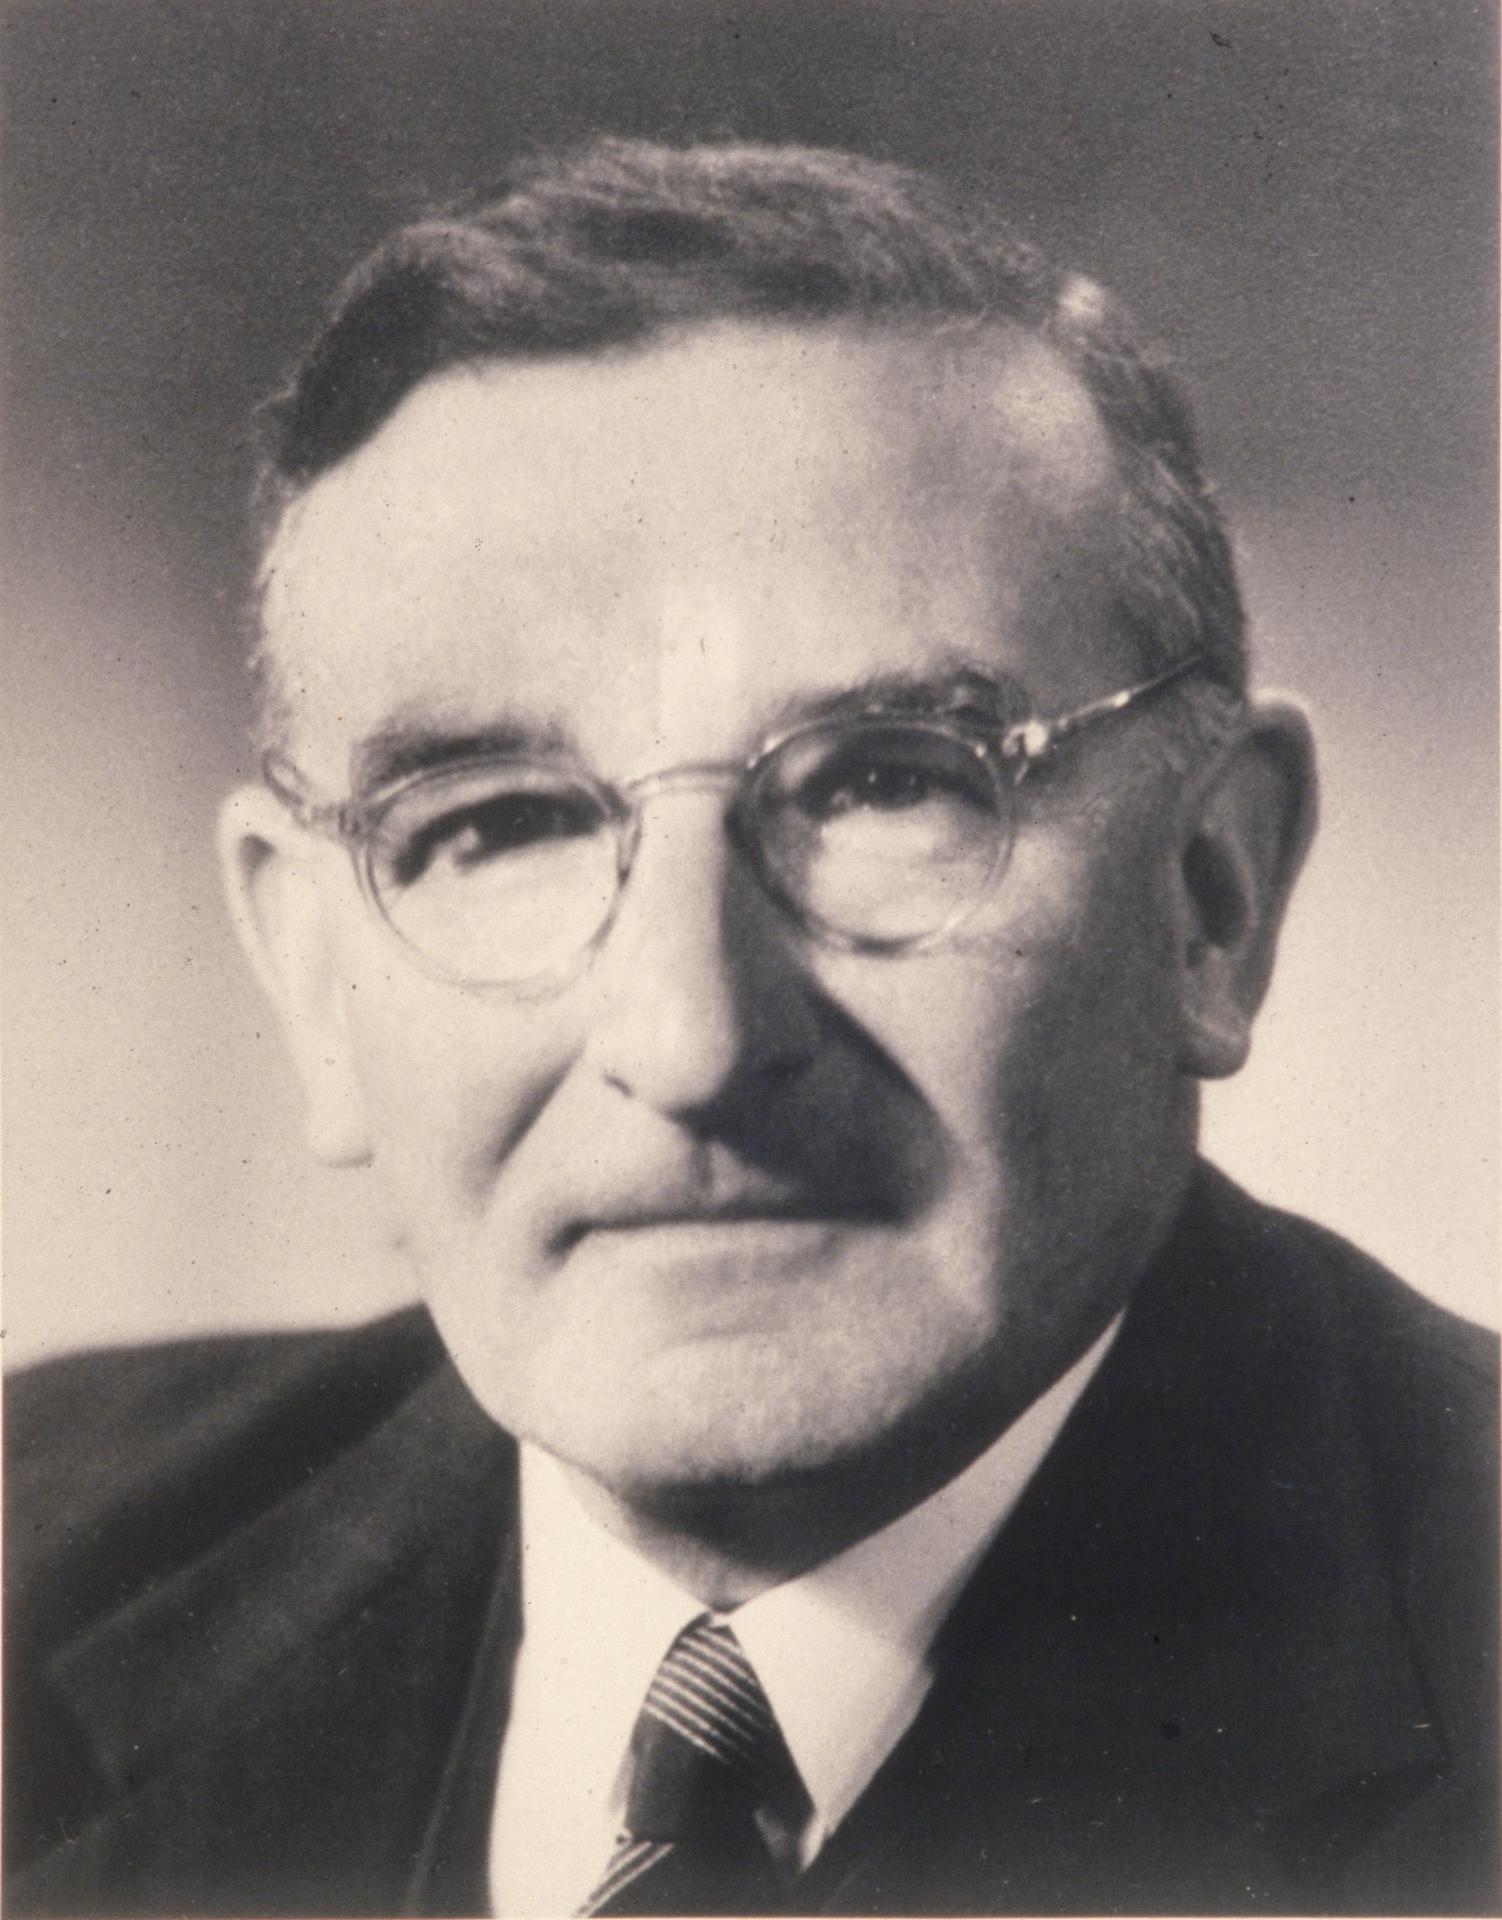 Professor J. Neill Greenwood